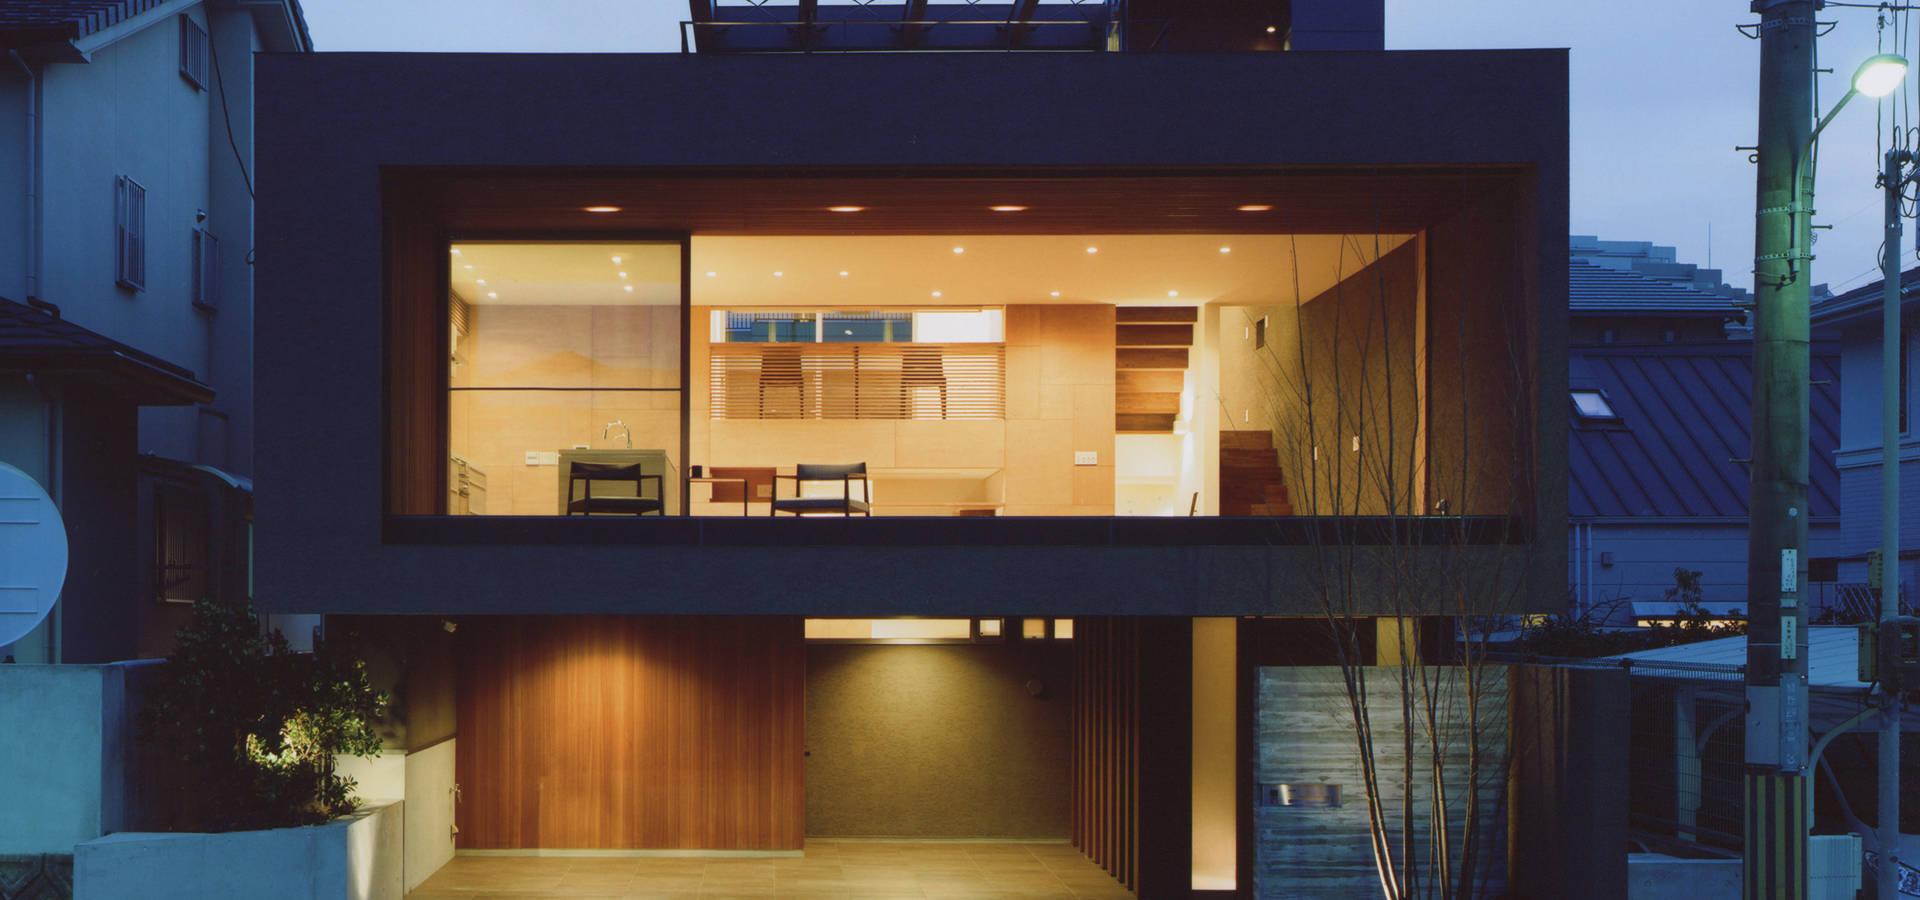 T-Square Design Associates